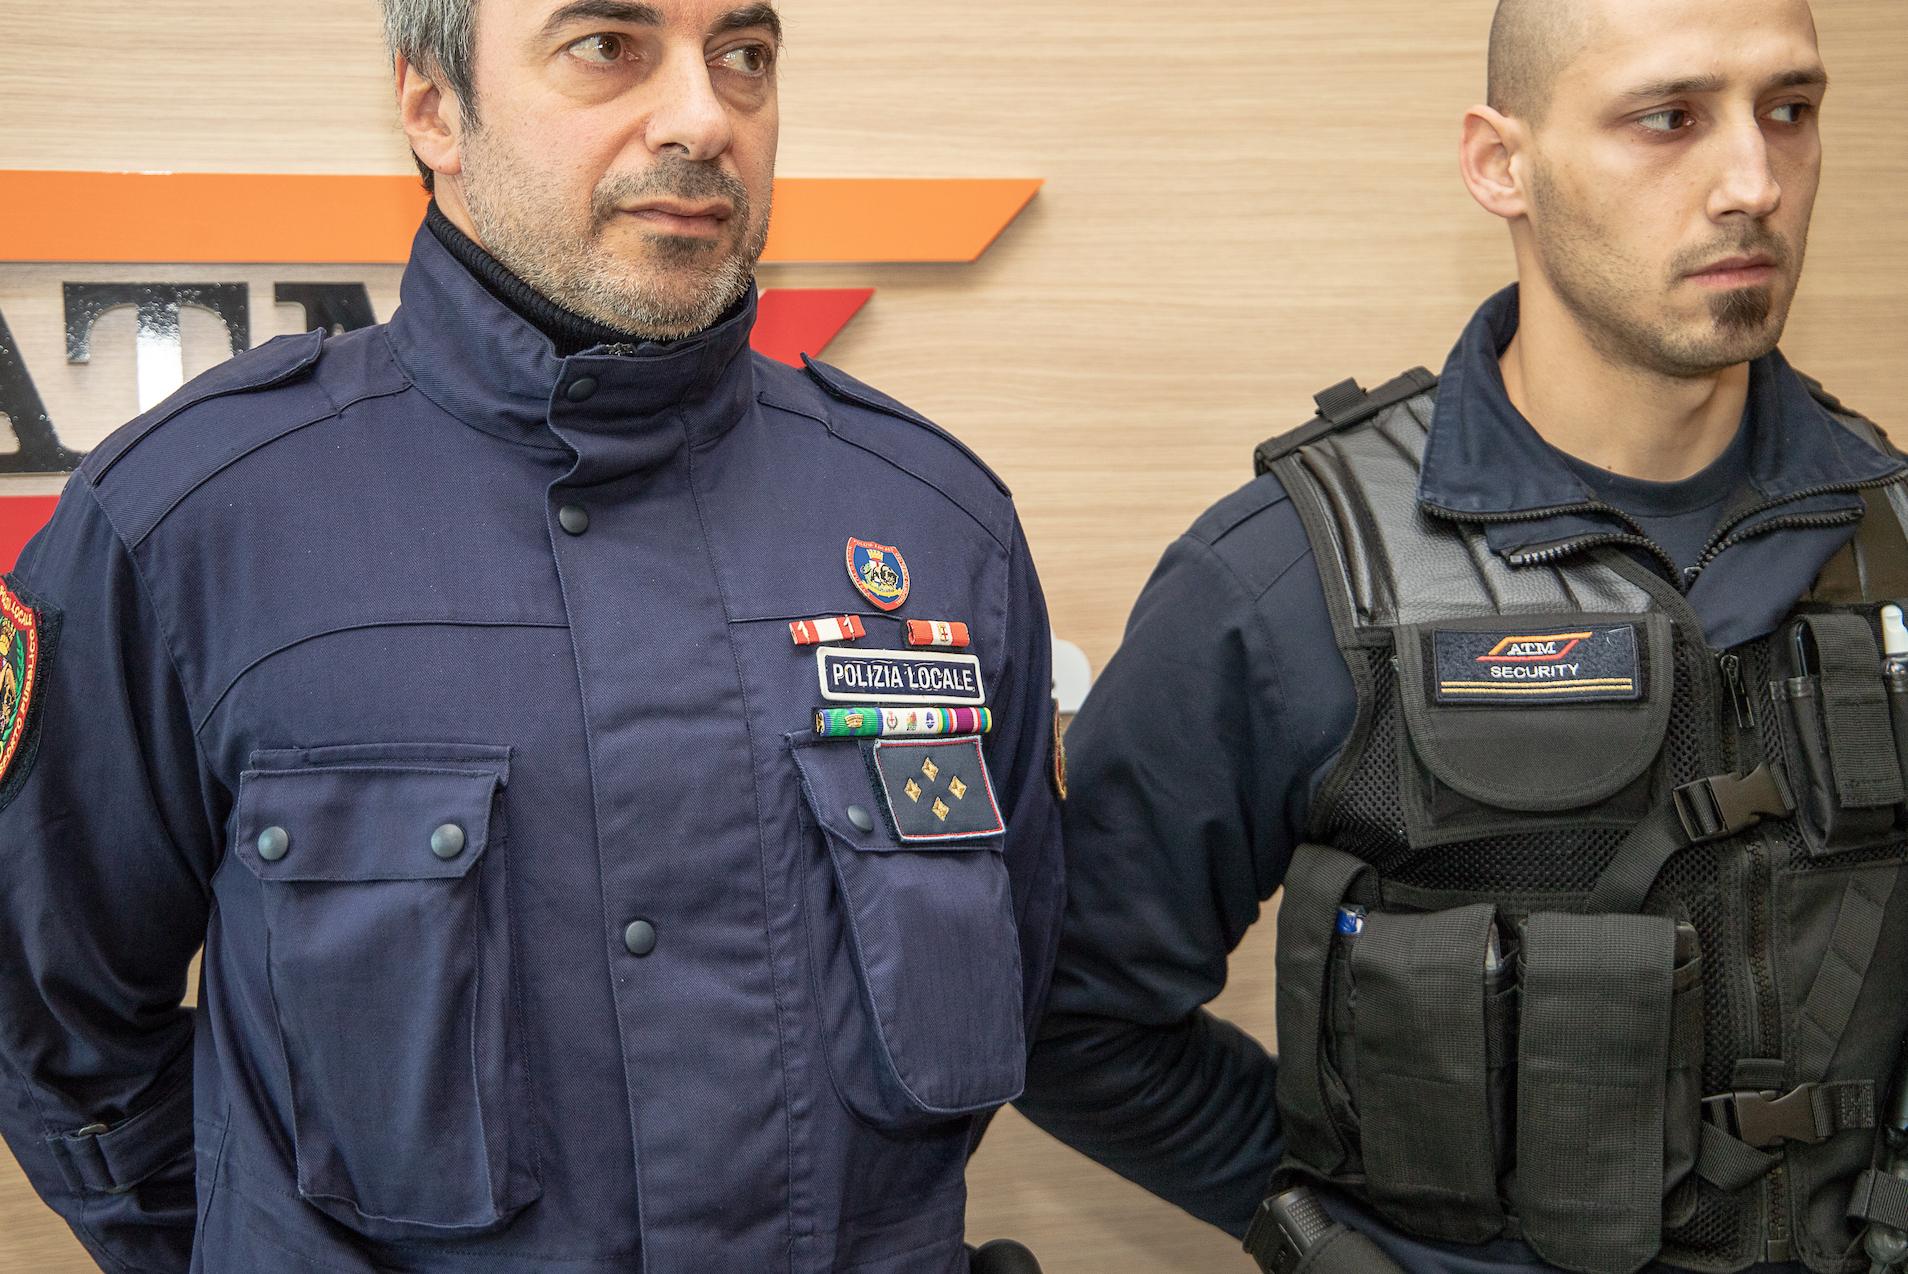 Atm Milano Polizia Locale